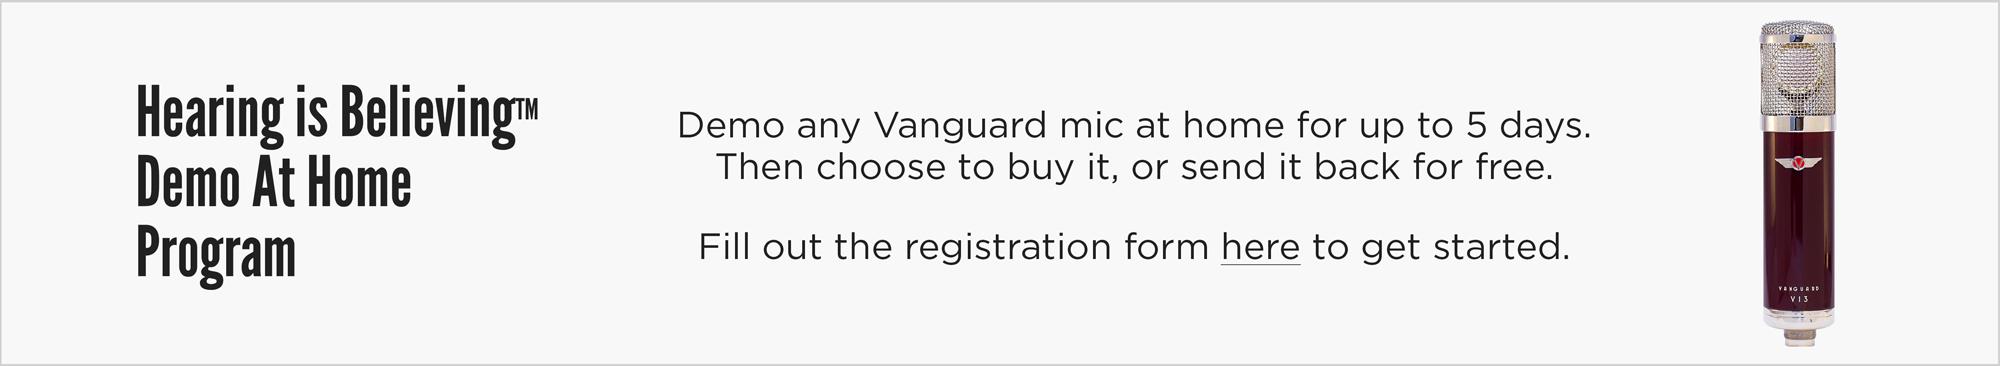 Vanguard Hearing is Believing Program